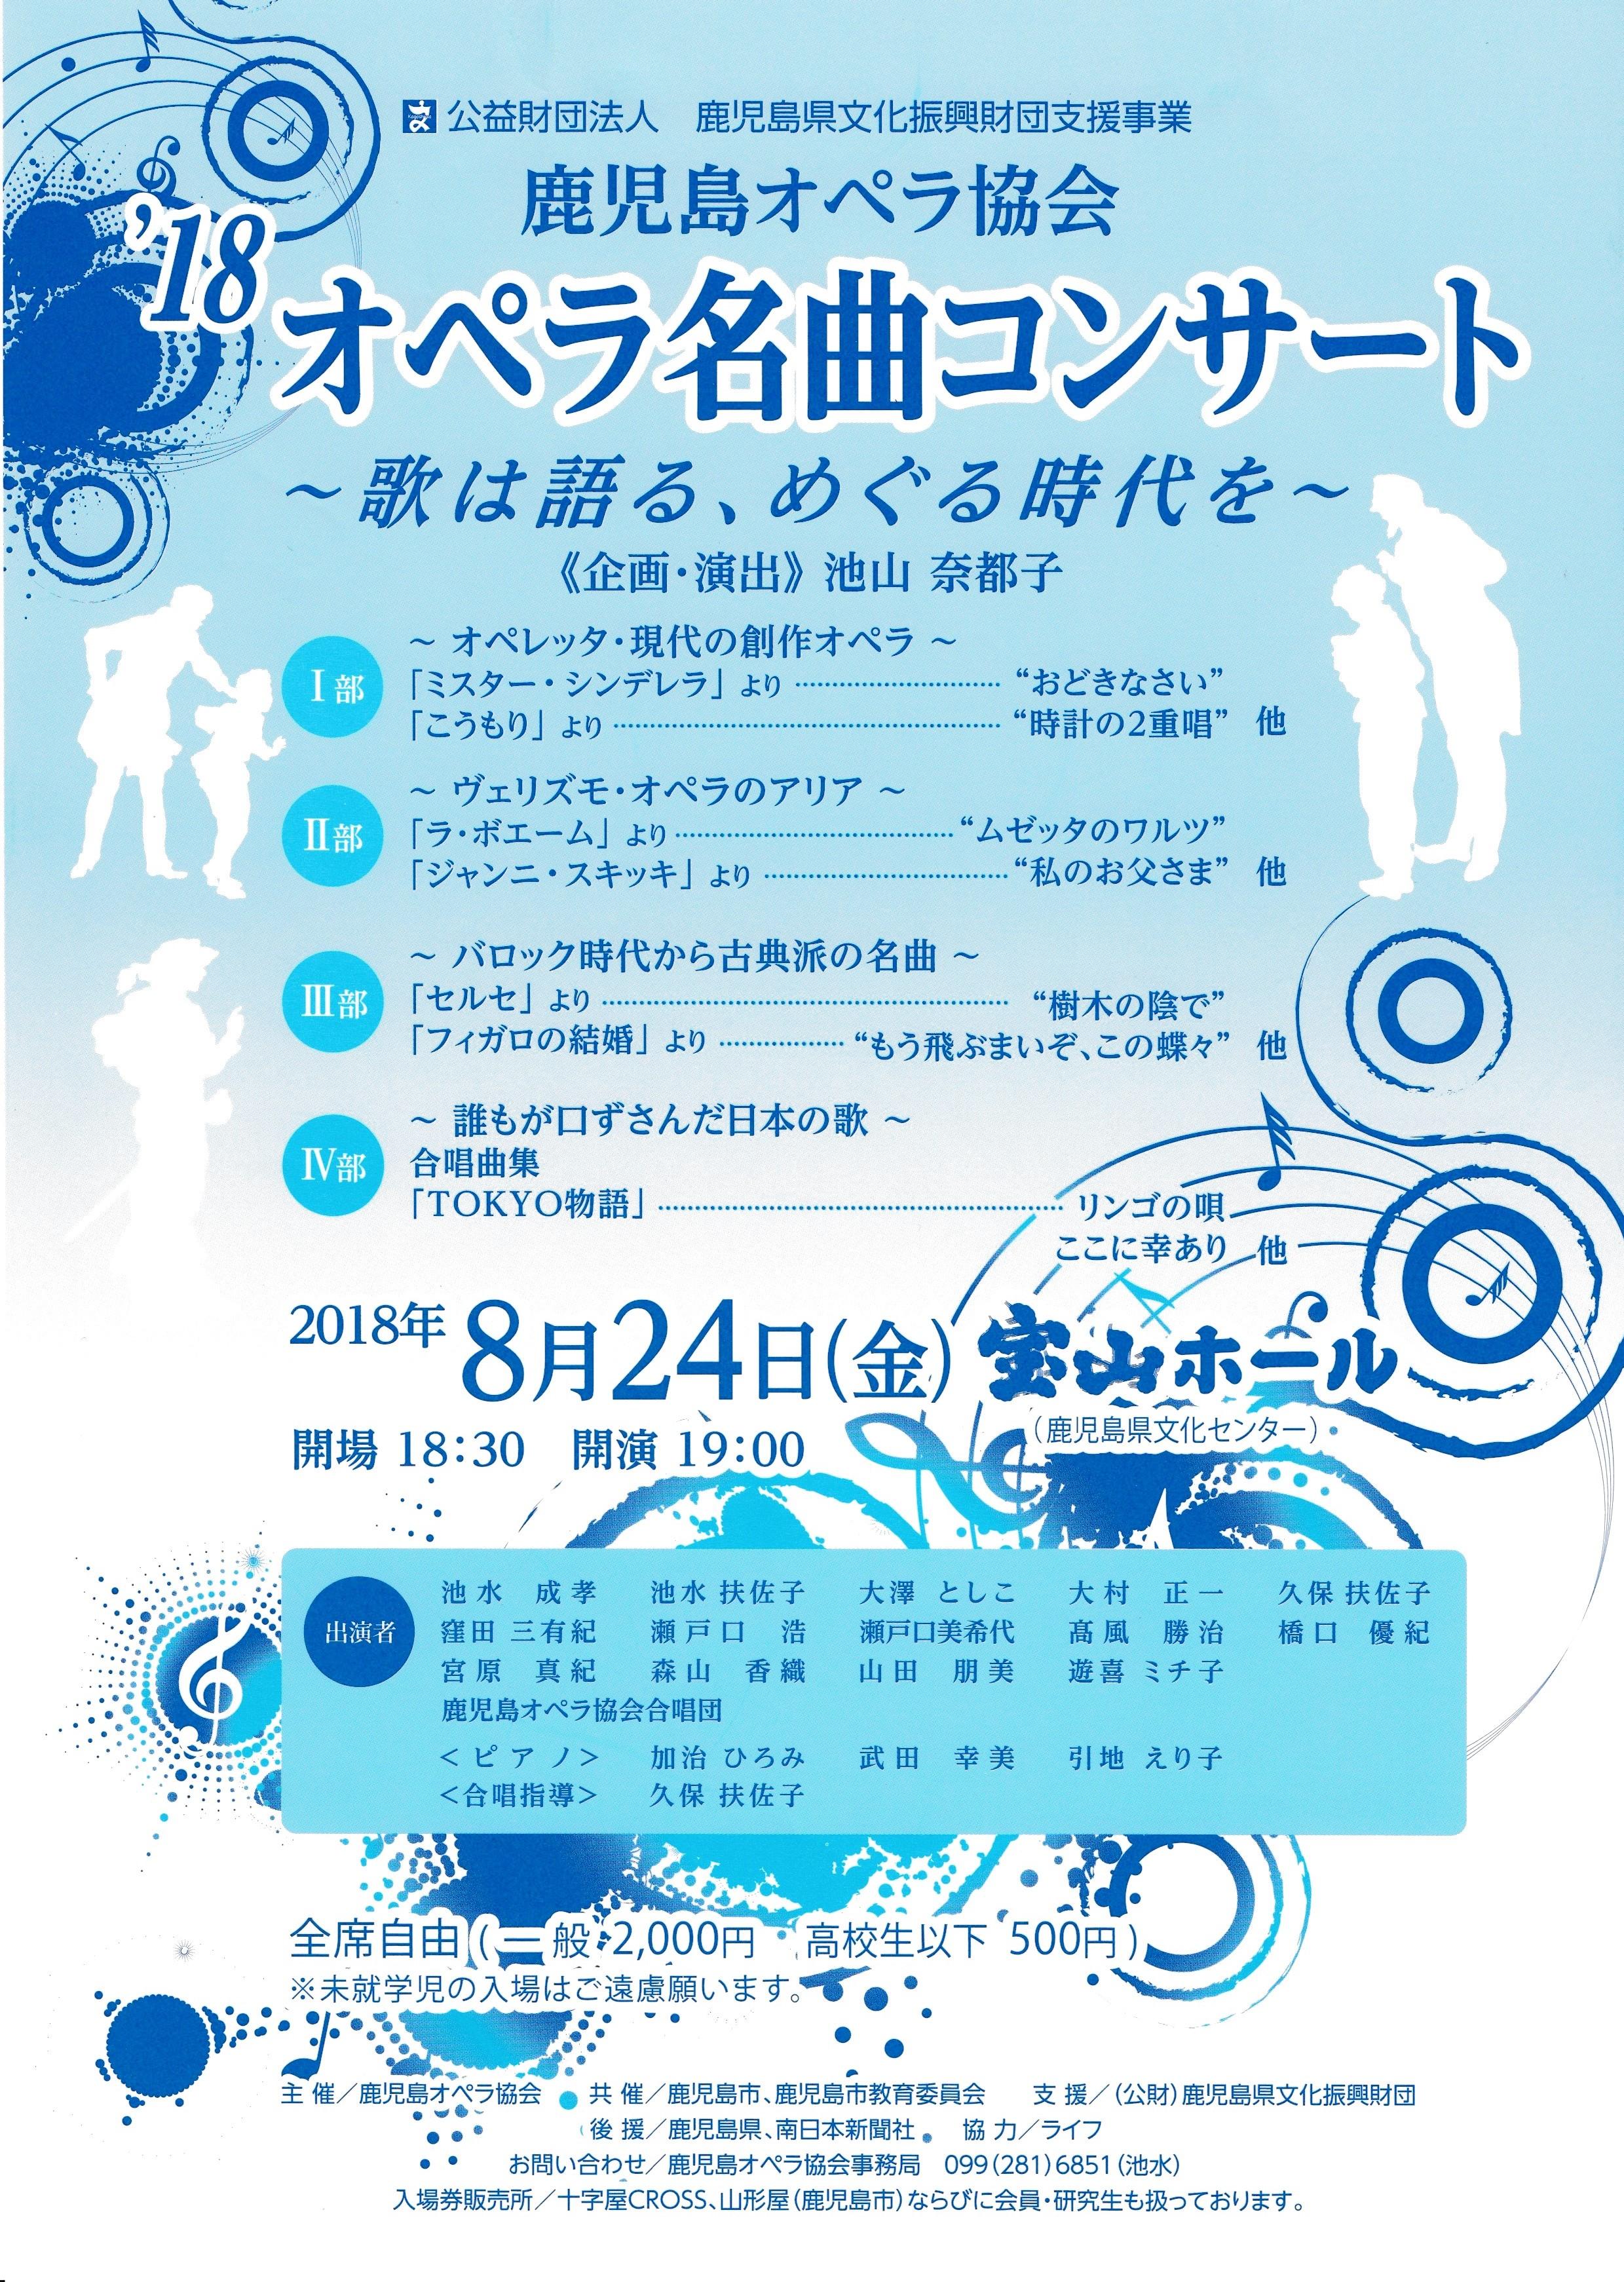 鹿児島オペラ協会'18 オペラ名曲コンサート~歌は語る、めぐる時代を~ 2018.08.24